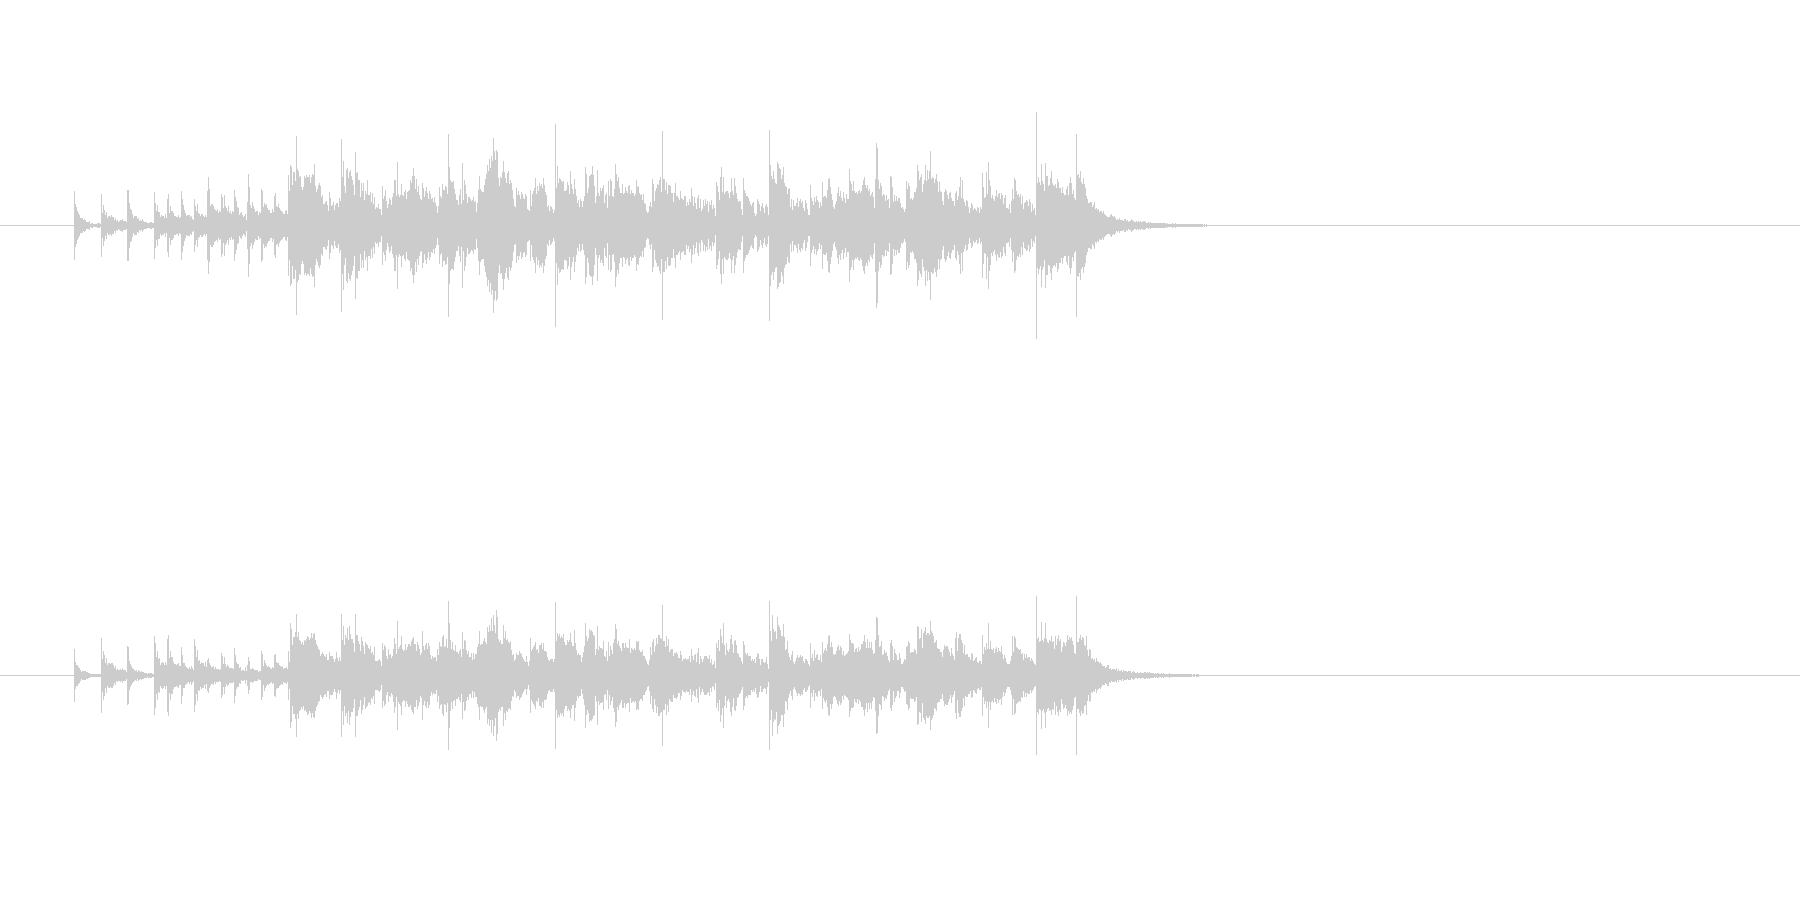 ジングル(エレクトリック・ファンク)の未再生の波形